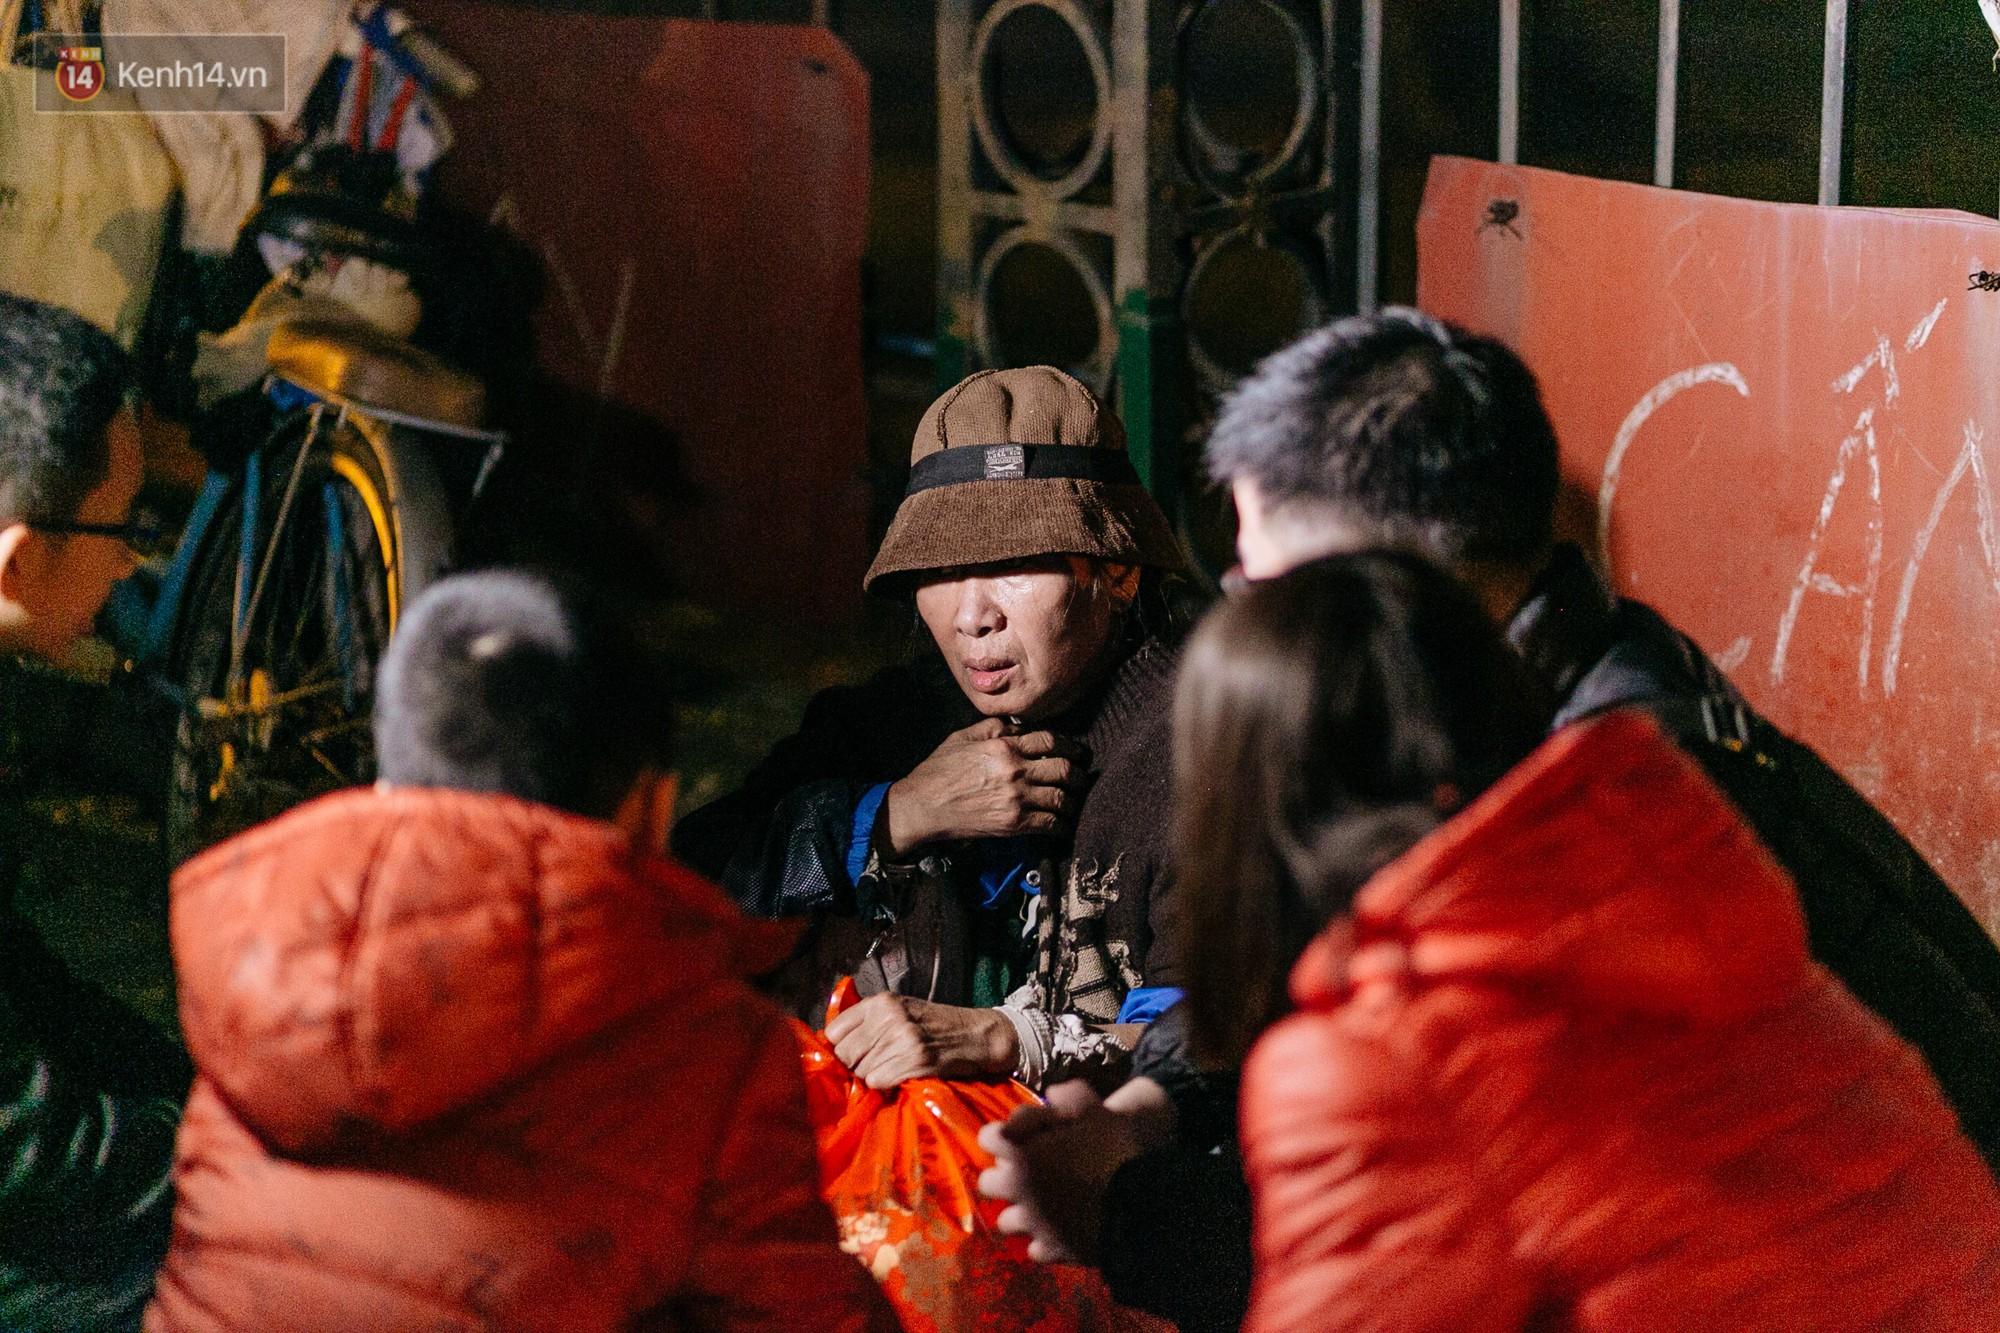 Phận người vô gia cư trên đường phố Hà Nội những ngày rét mướt: Chúng tôi cũng có một cái Tết như bao người khác - Ảnh 12.